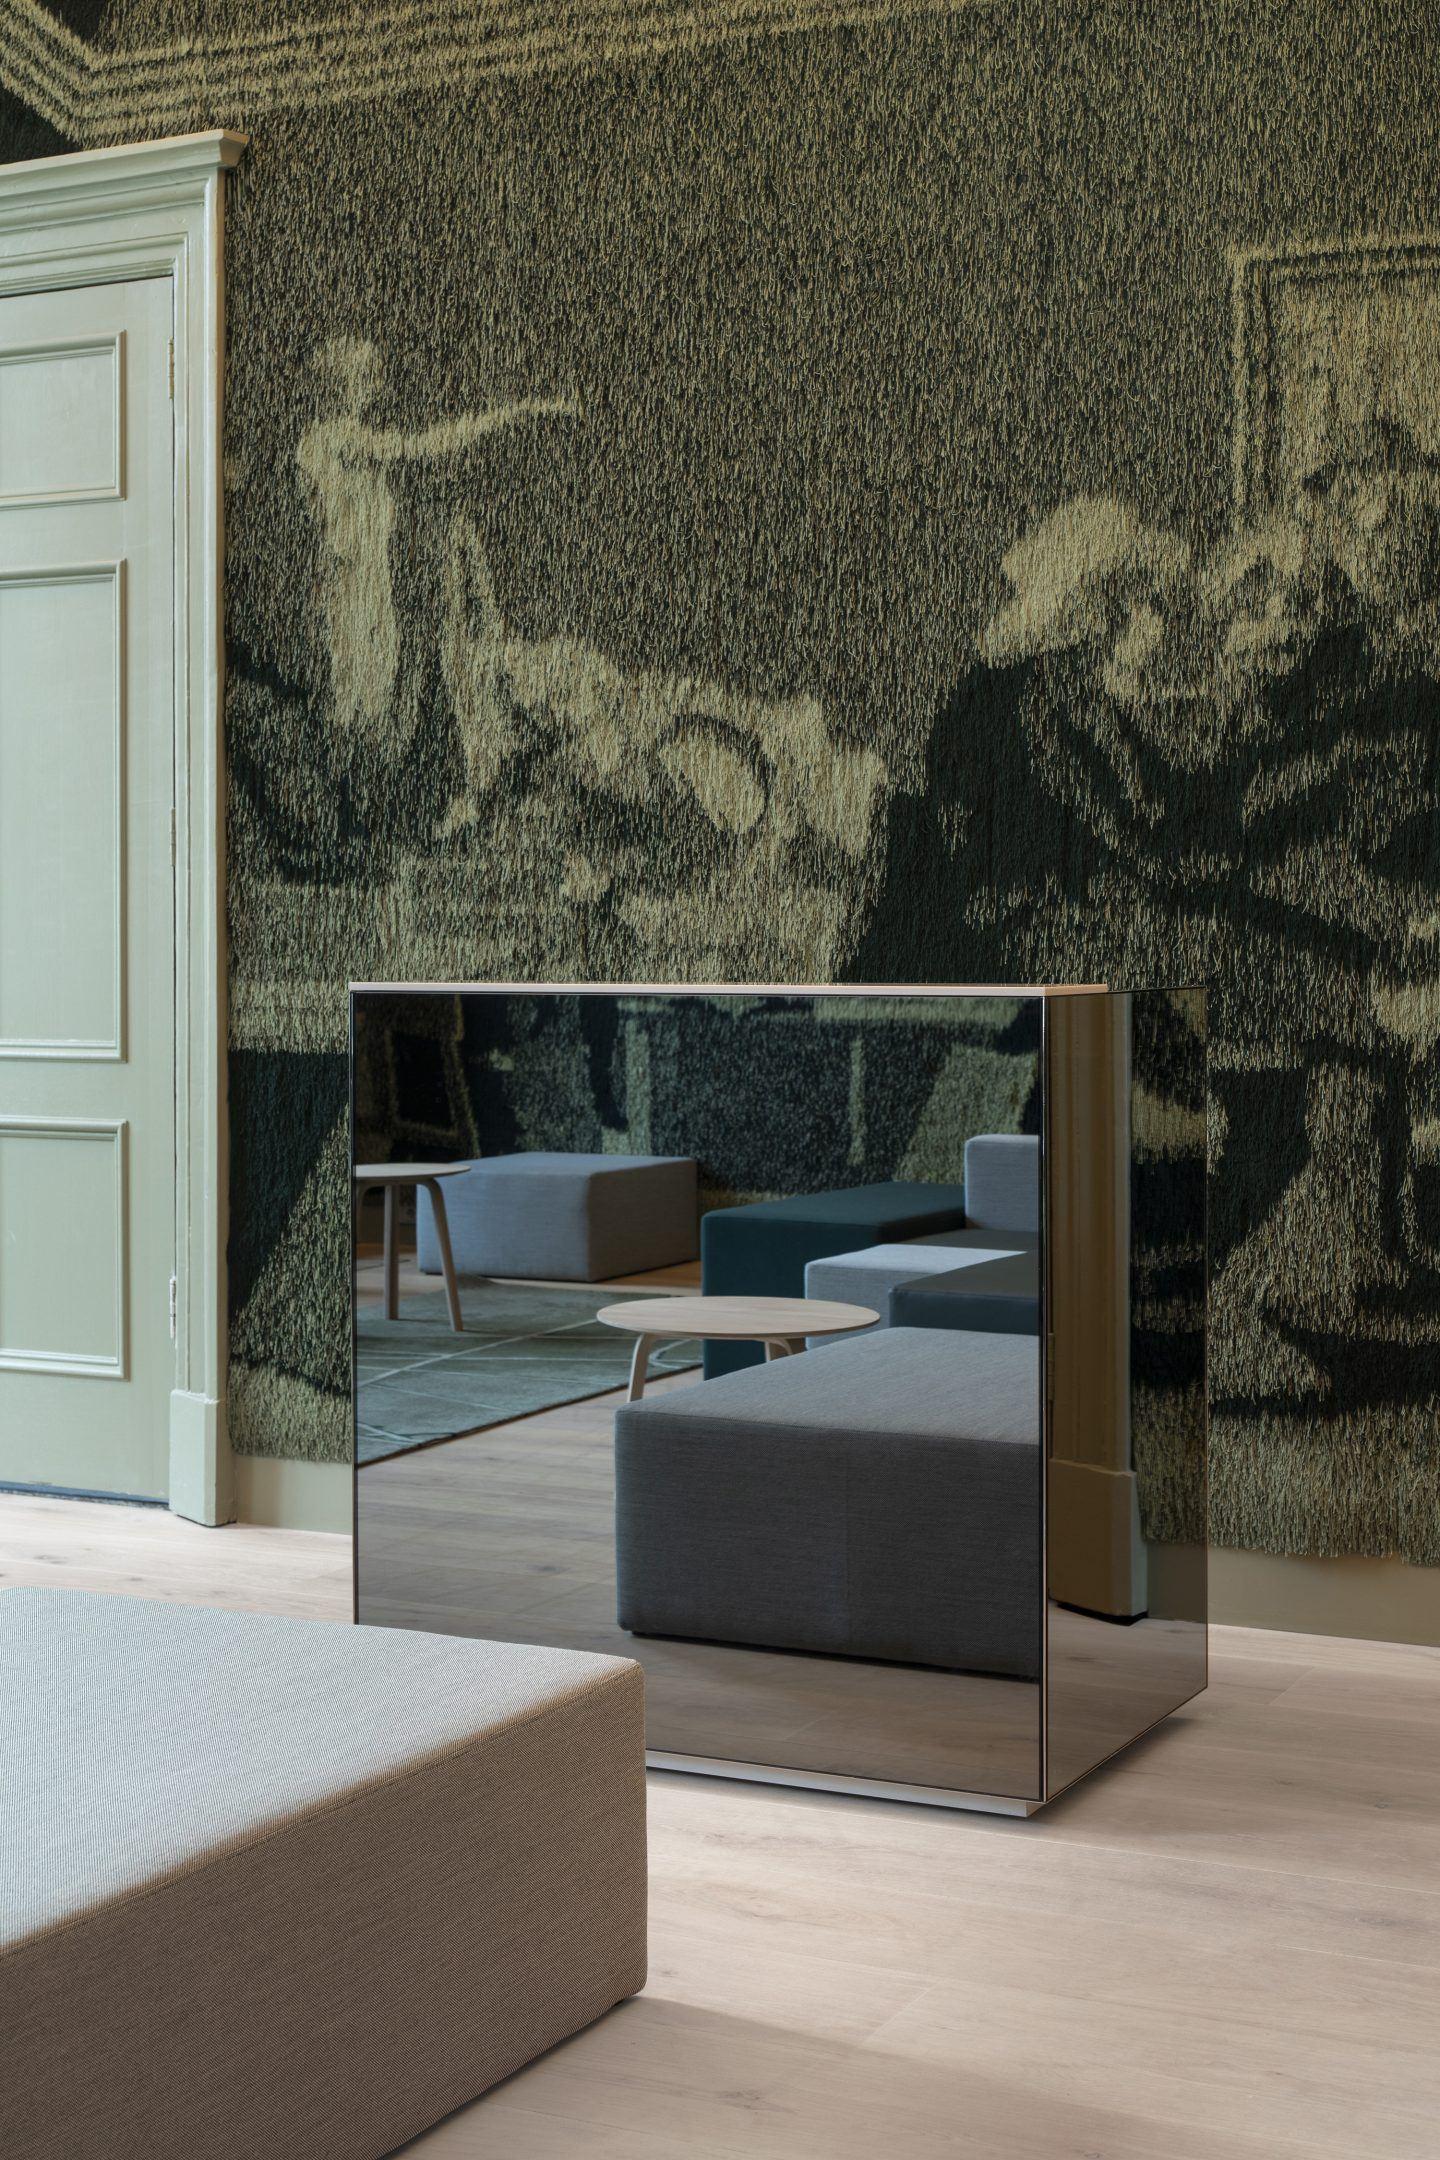 IGNANT-Design-FelixMeritis-33